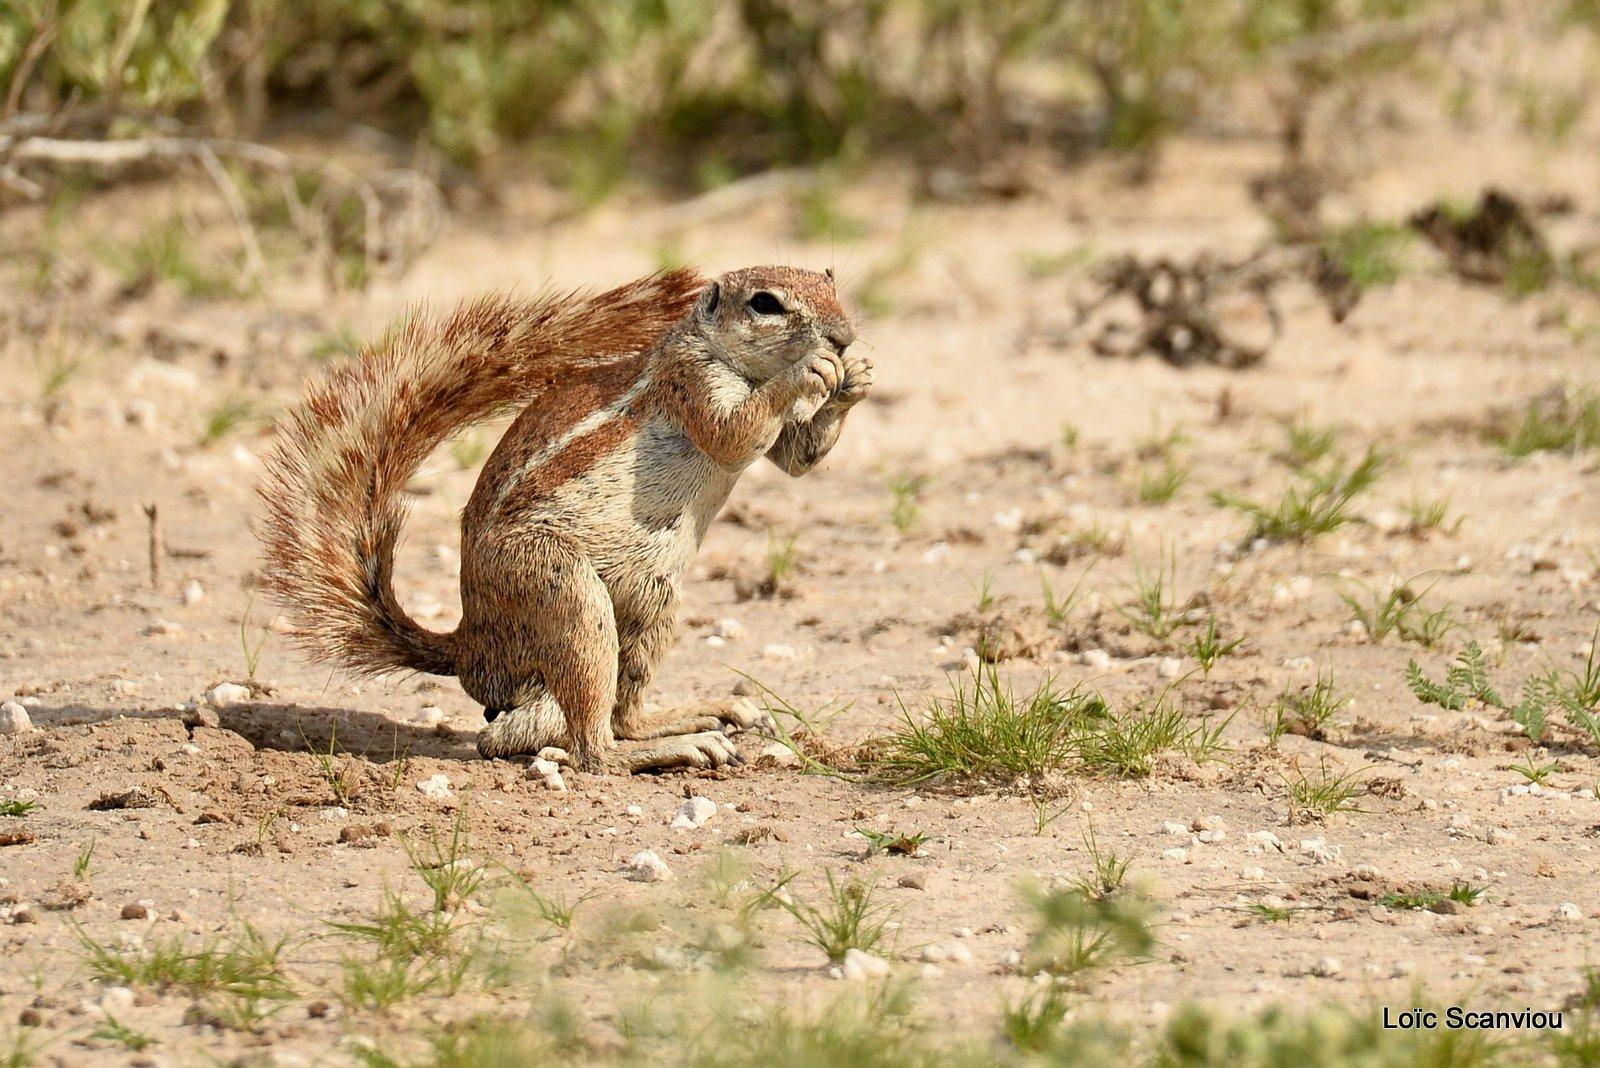 Écureuil terrestre du Cap/Cape Ground Squirrel (6)